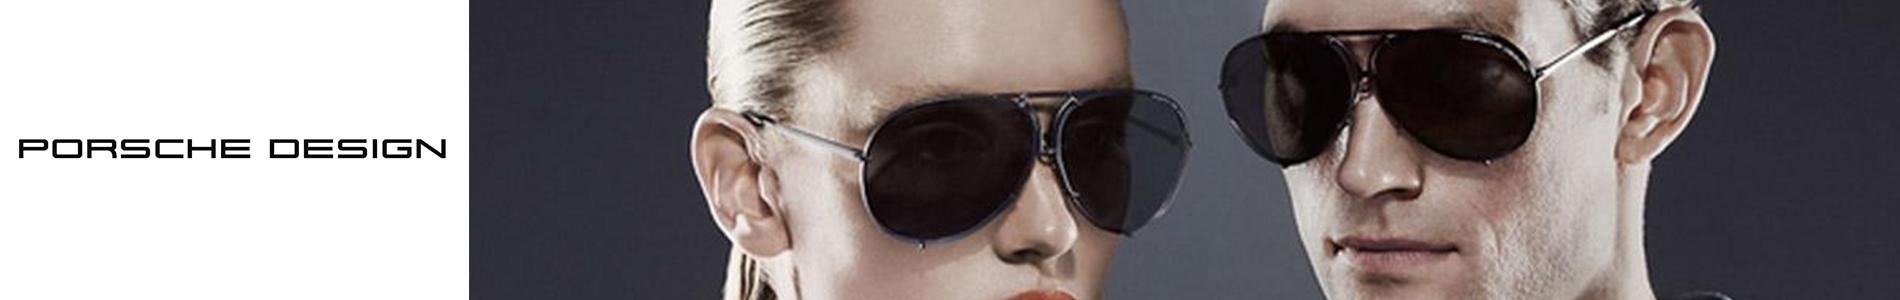 Porsche Design Sunglasses Company Logo